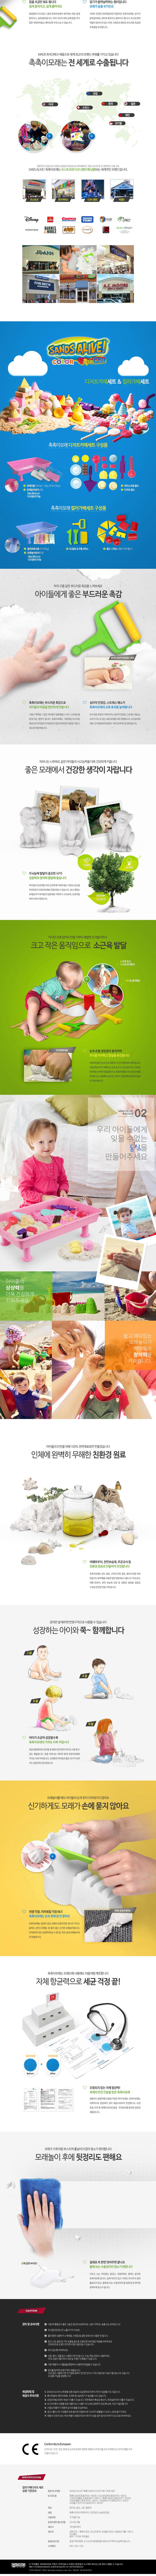 촉촉이모래 컬러가베&디저트카페세트 / MCA 모래놀이세트 - 촉촉이모래, 79,900원, 교육완구, 교육완구